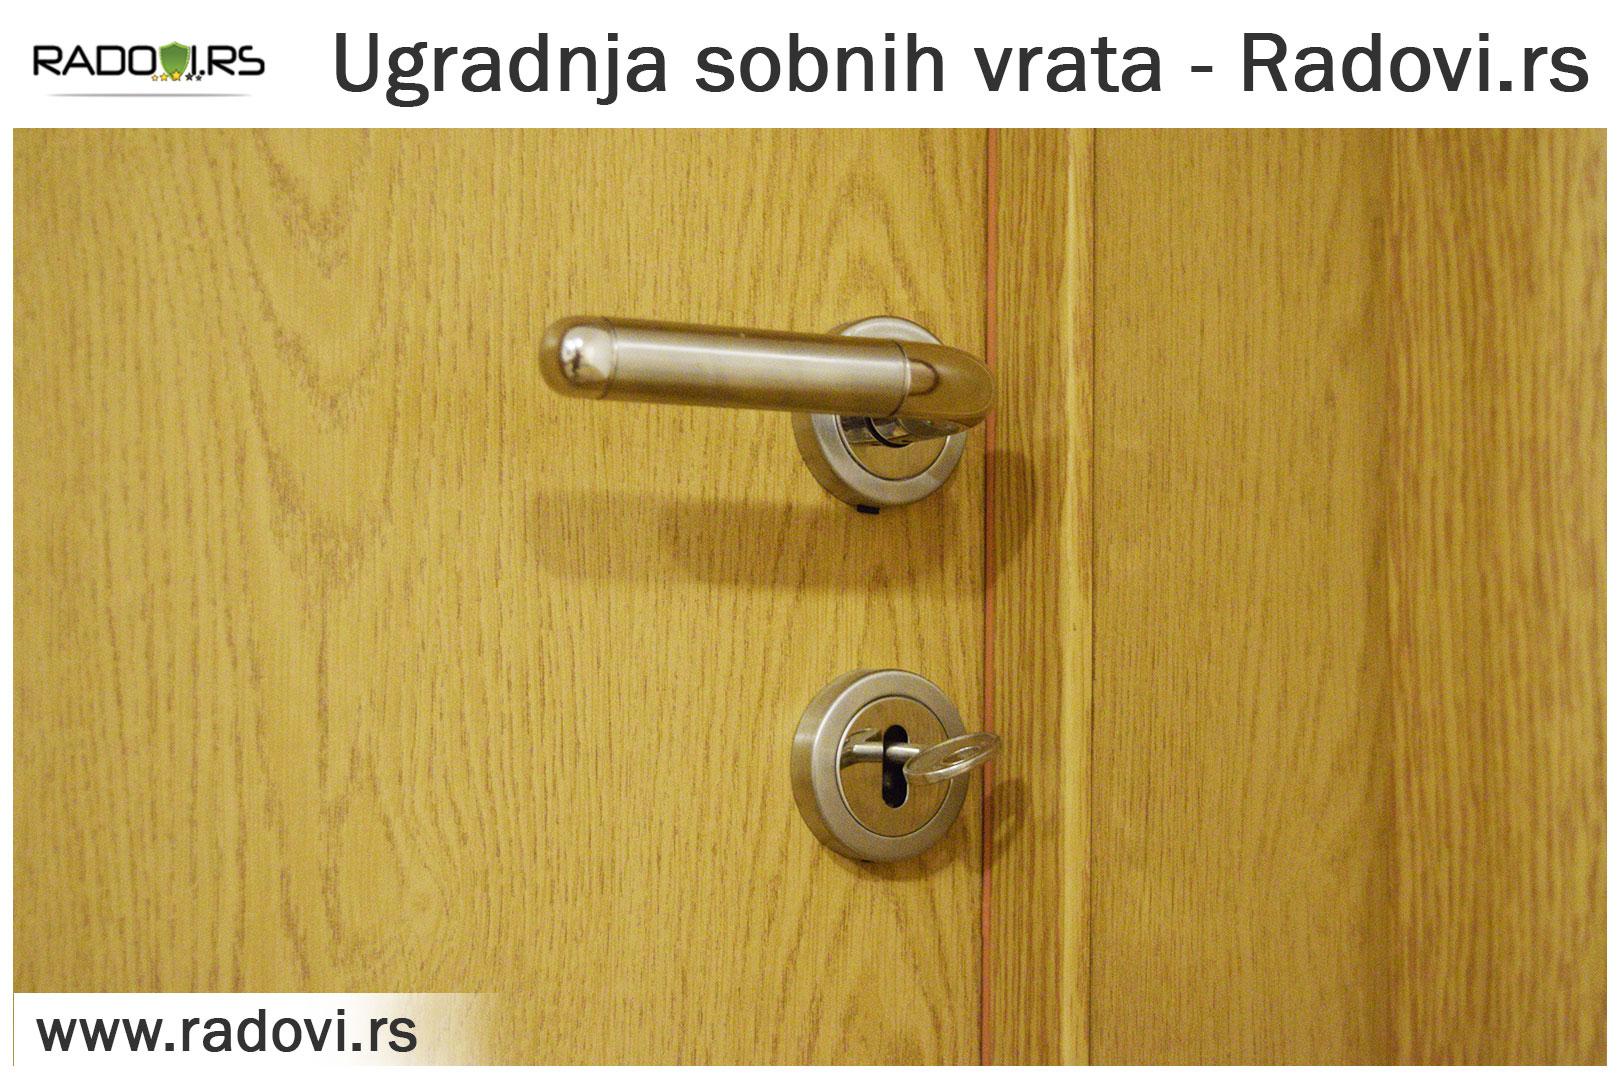 Ugradnja sobnih vrata - PVC stolarije Tim - Radovi.rs